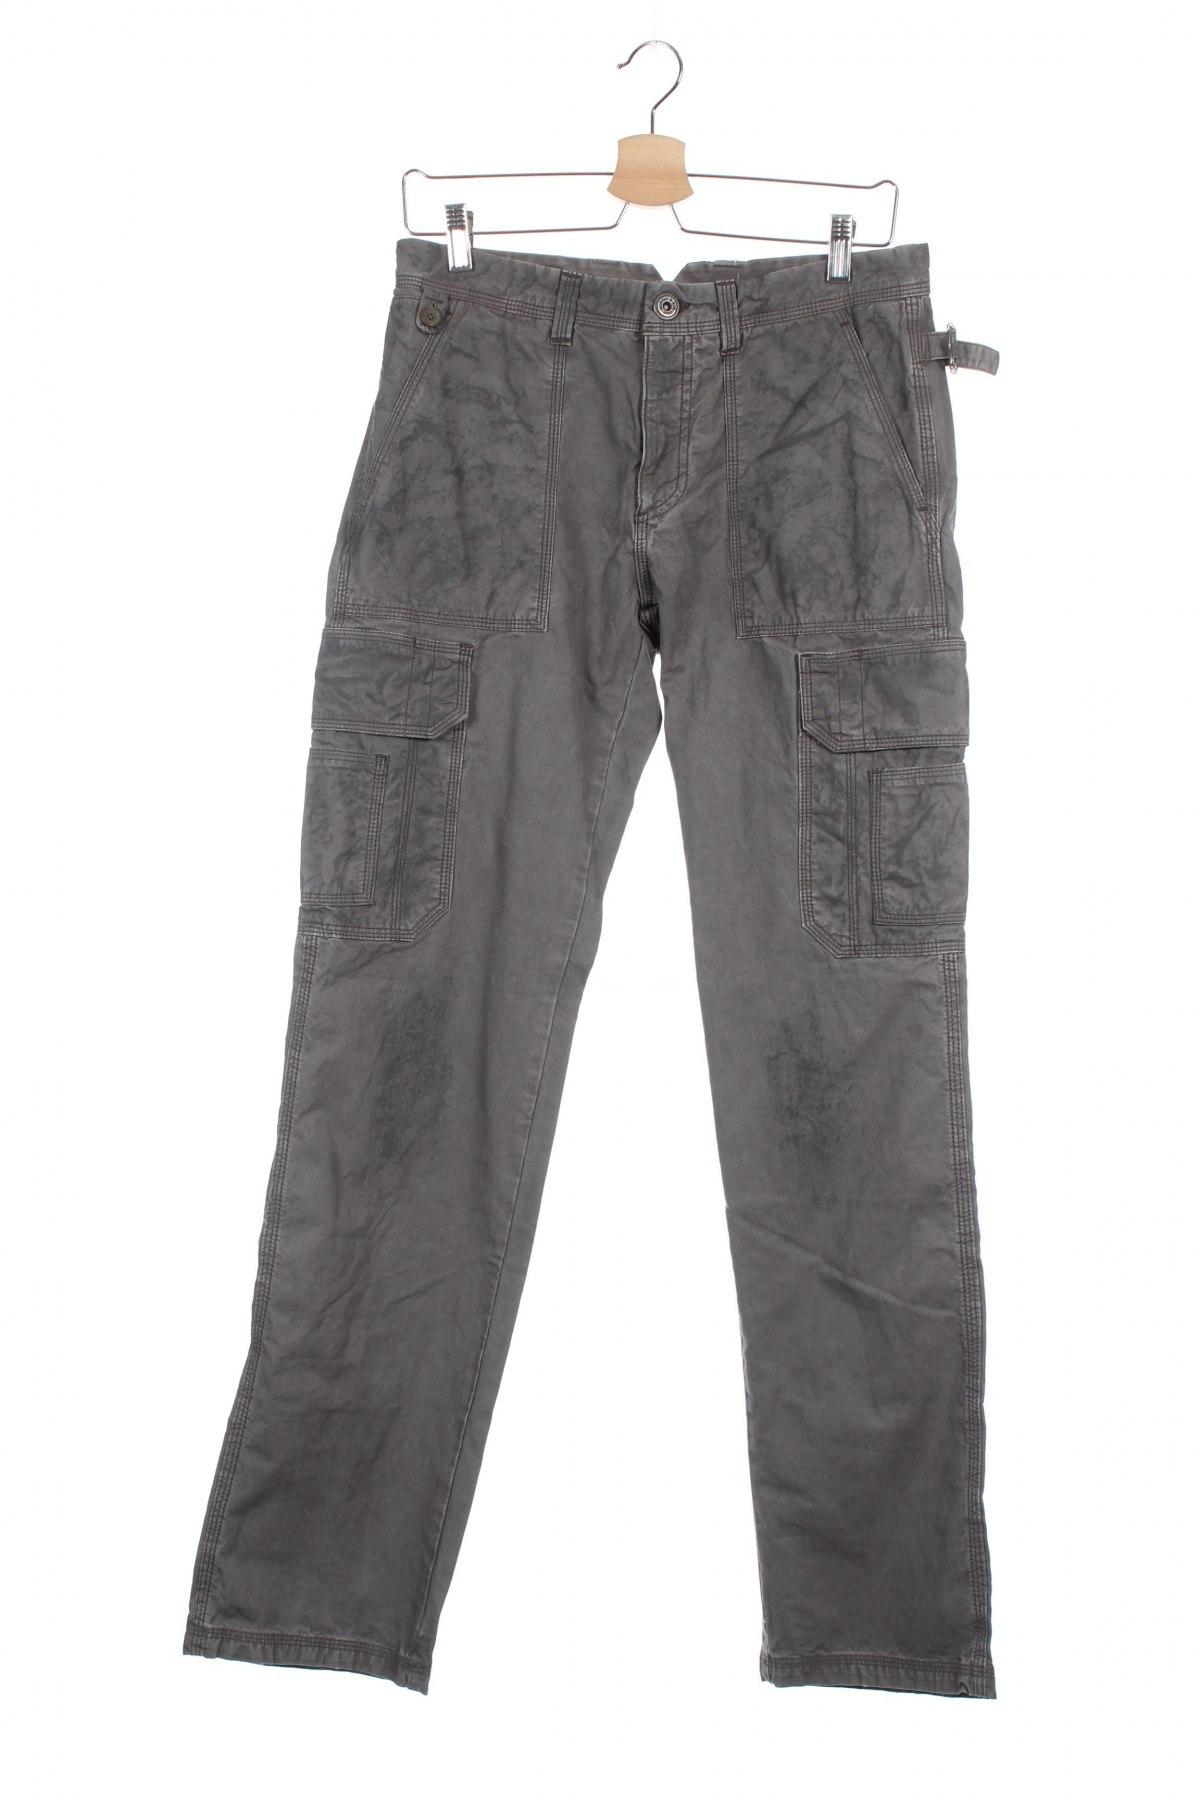 f83ccb6ae0 Férfi ruha - blúzok, kardigánok, rövidnadrágok, nadrágok, ingek, zakók,  pulóverek - Használtruha - Remix